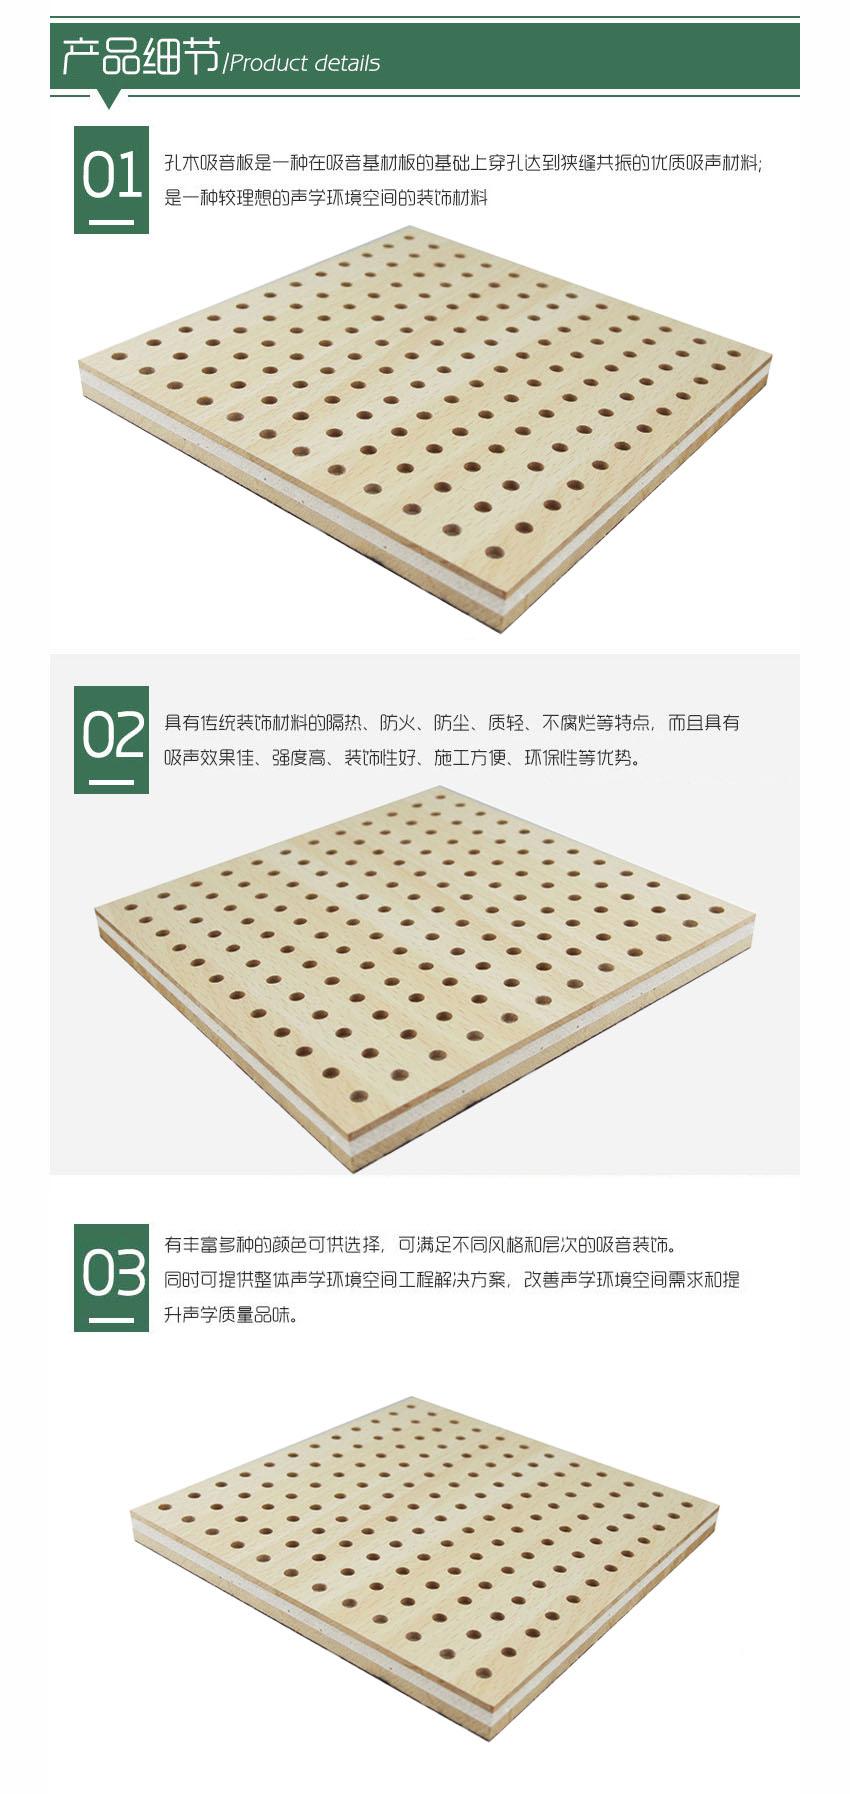 穿孔吸音复合板产品细节